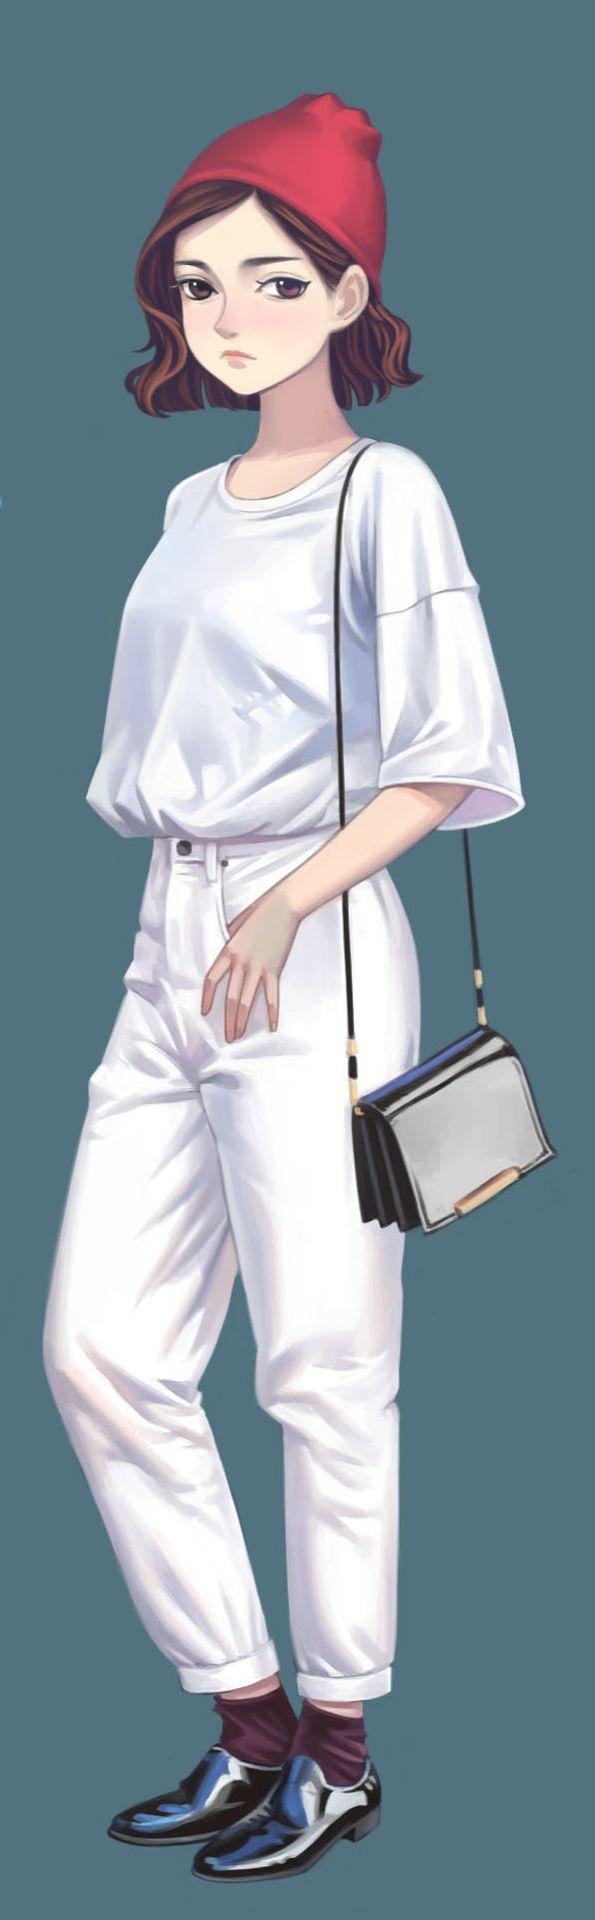 Une tenue toute blanche qui se marie parfaitement avec un - Dessin de bonnet ...